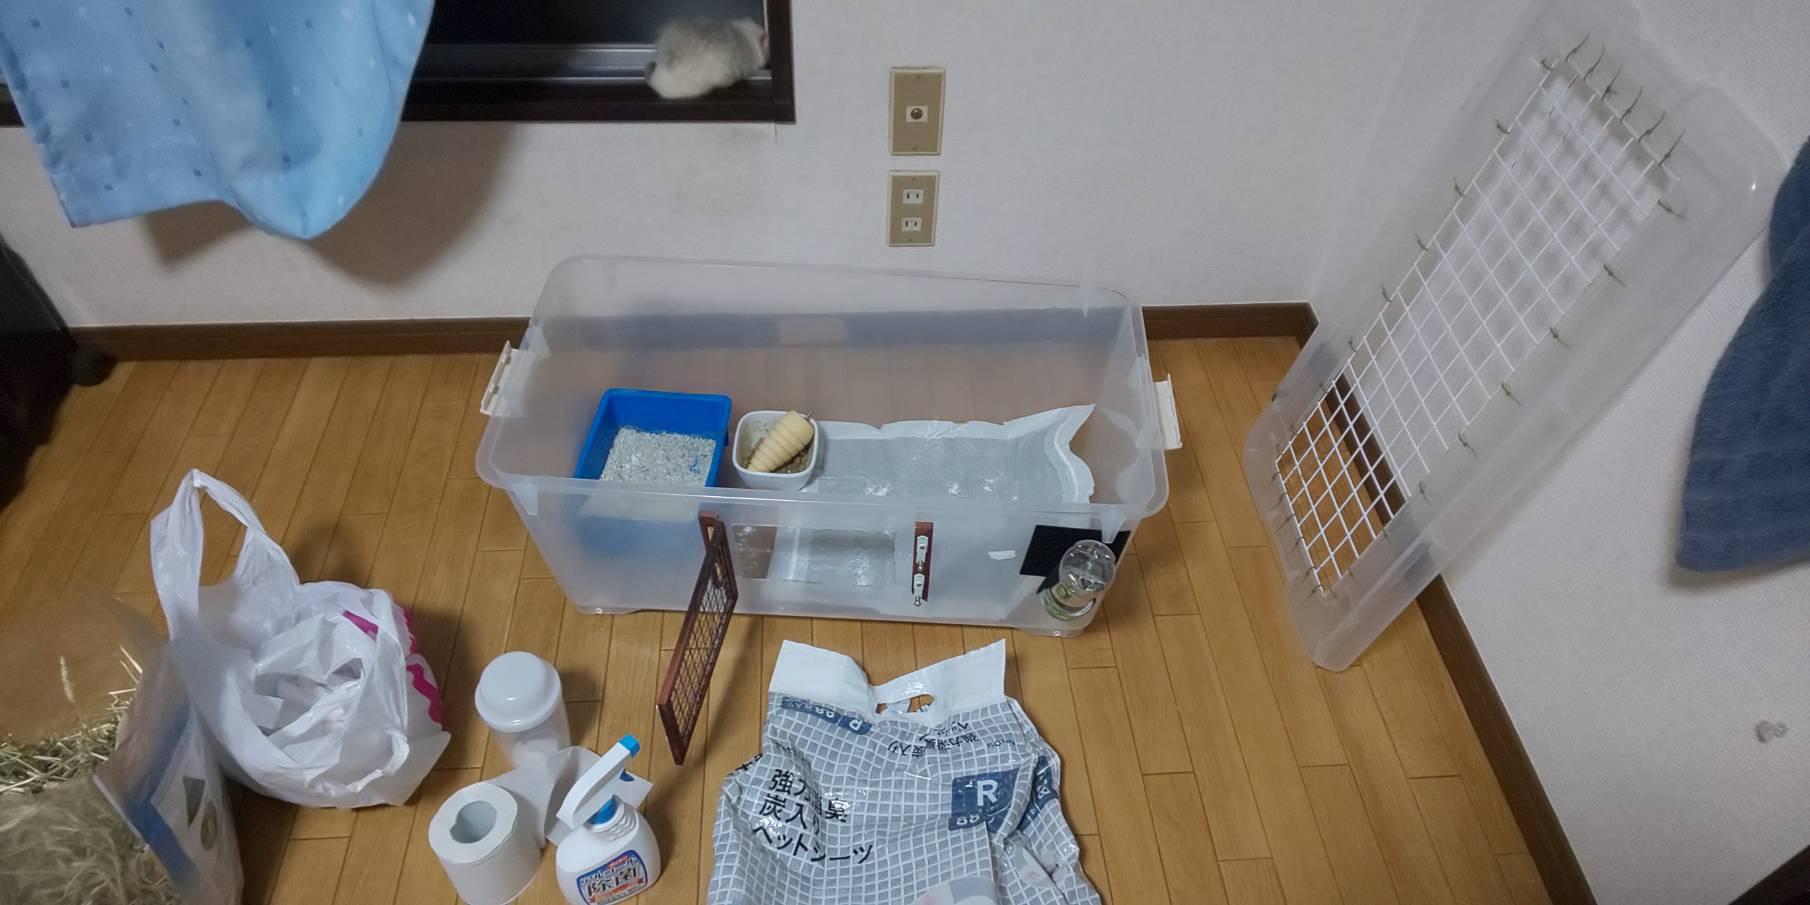 【ファンシーラット】ケージのお掃除 ファンシーラットは意外と臭う?オシッコ対策。